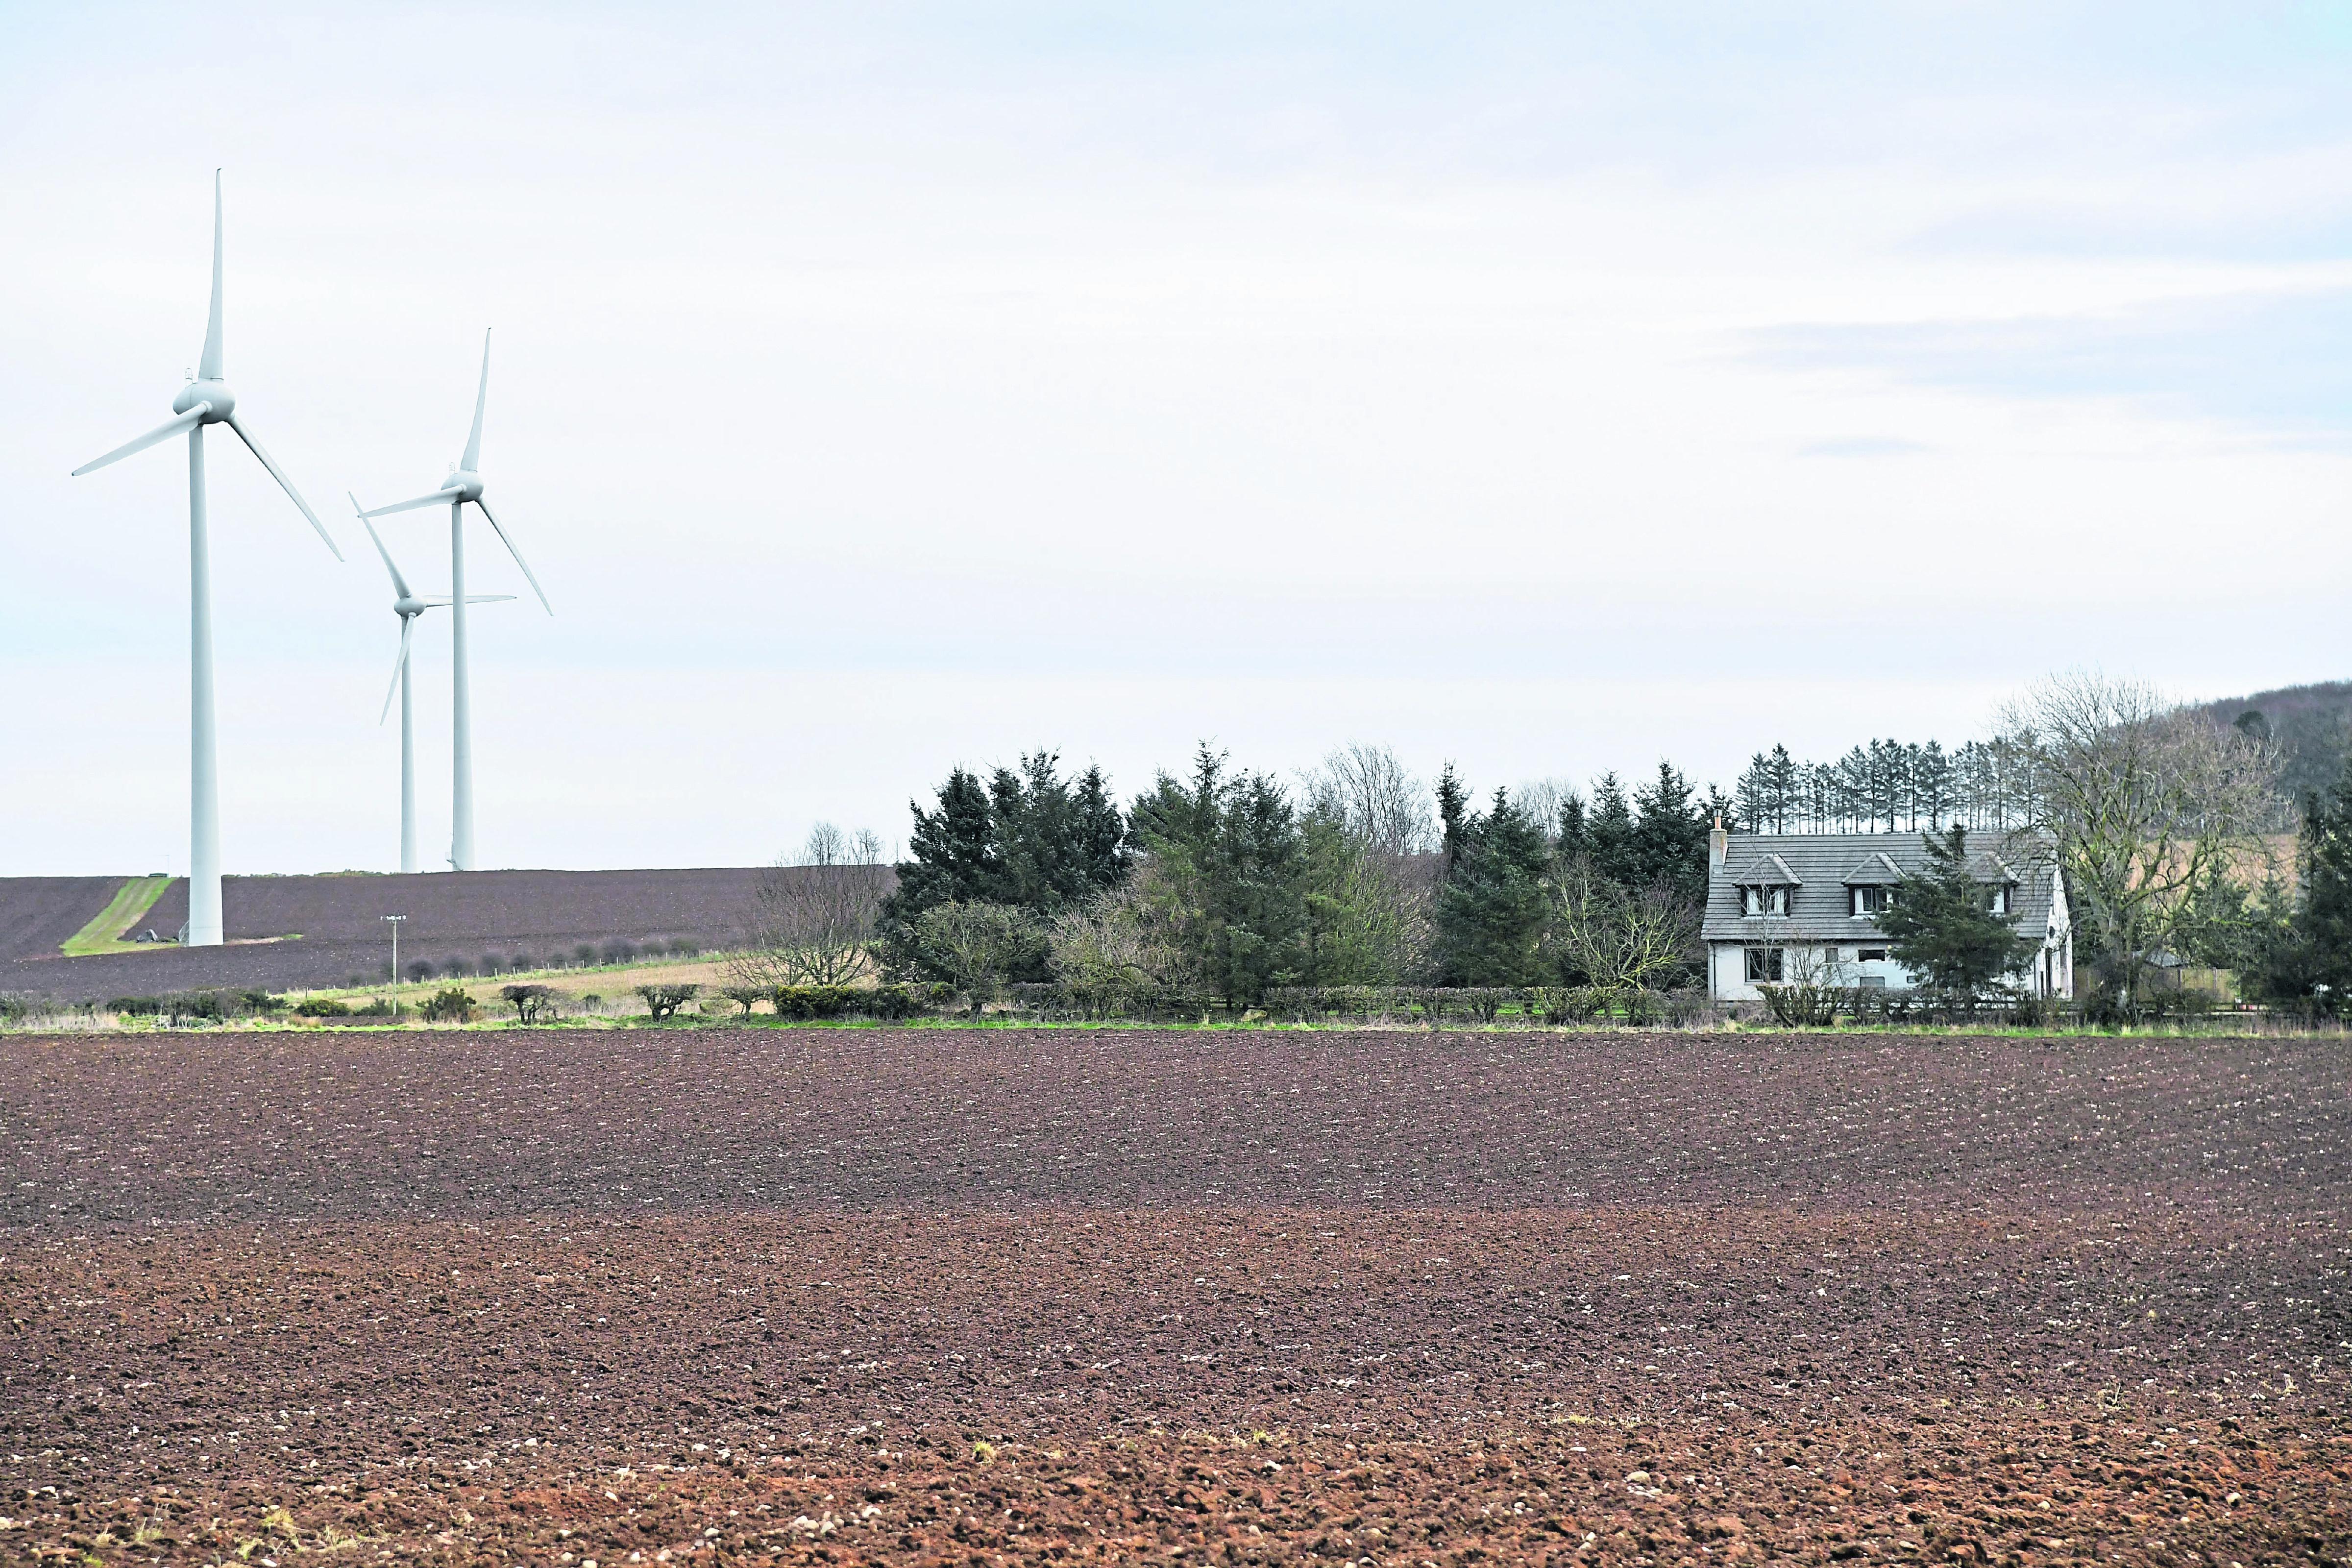 Stuartfield couple win battle against 'jet-like' turbines